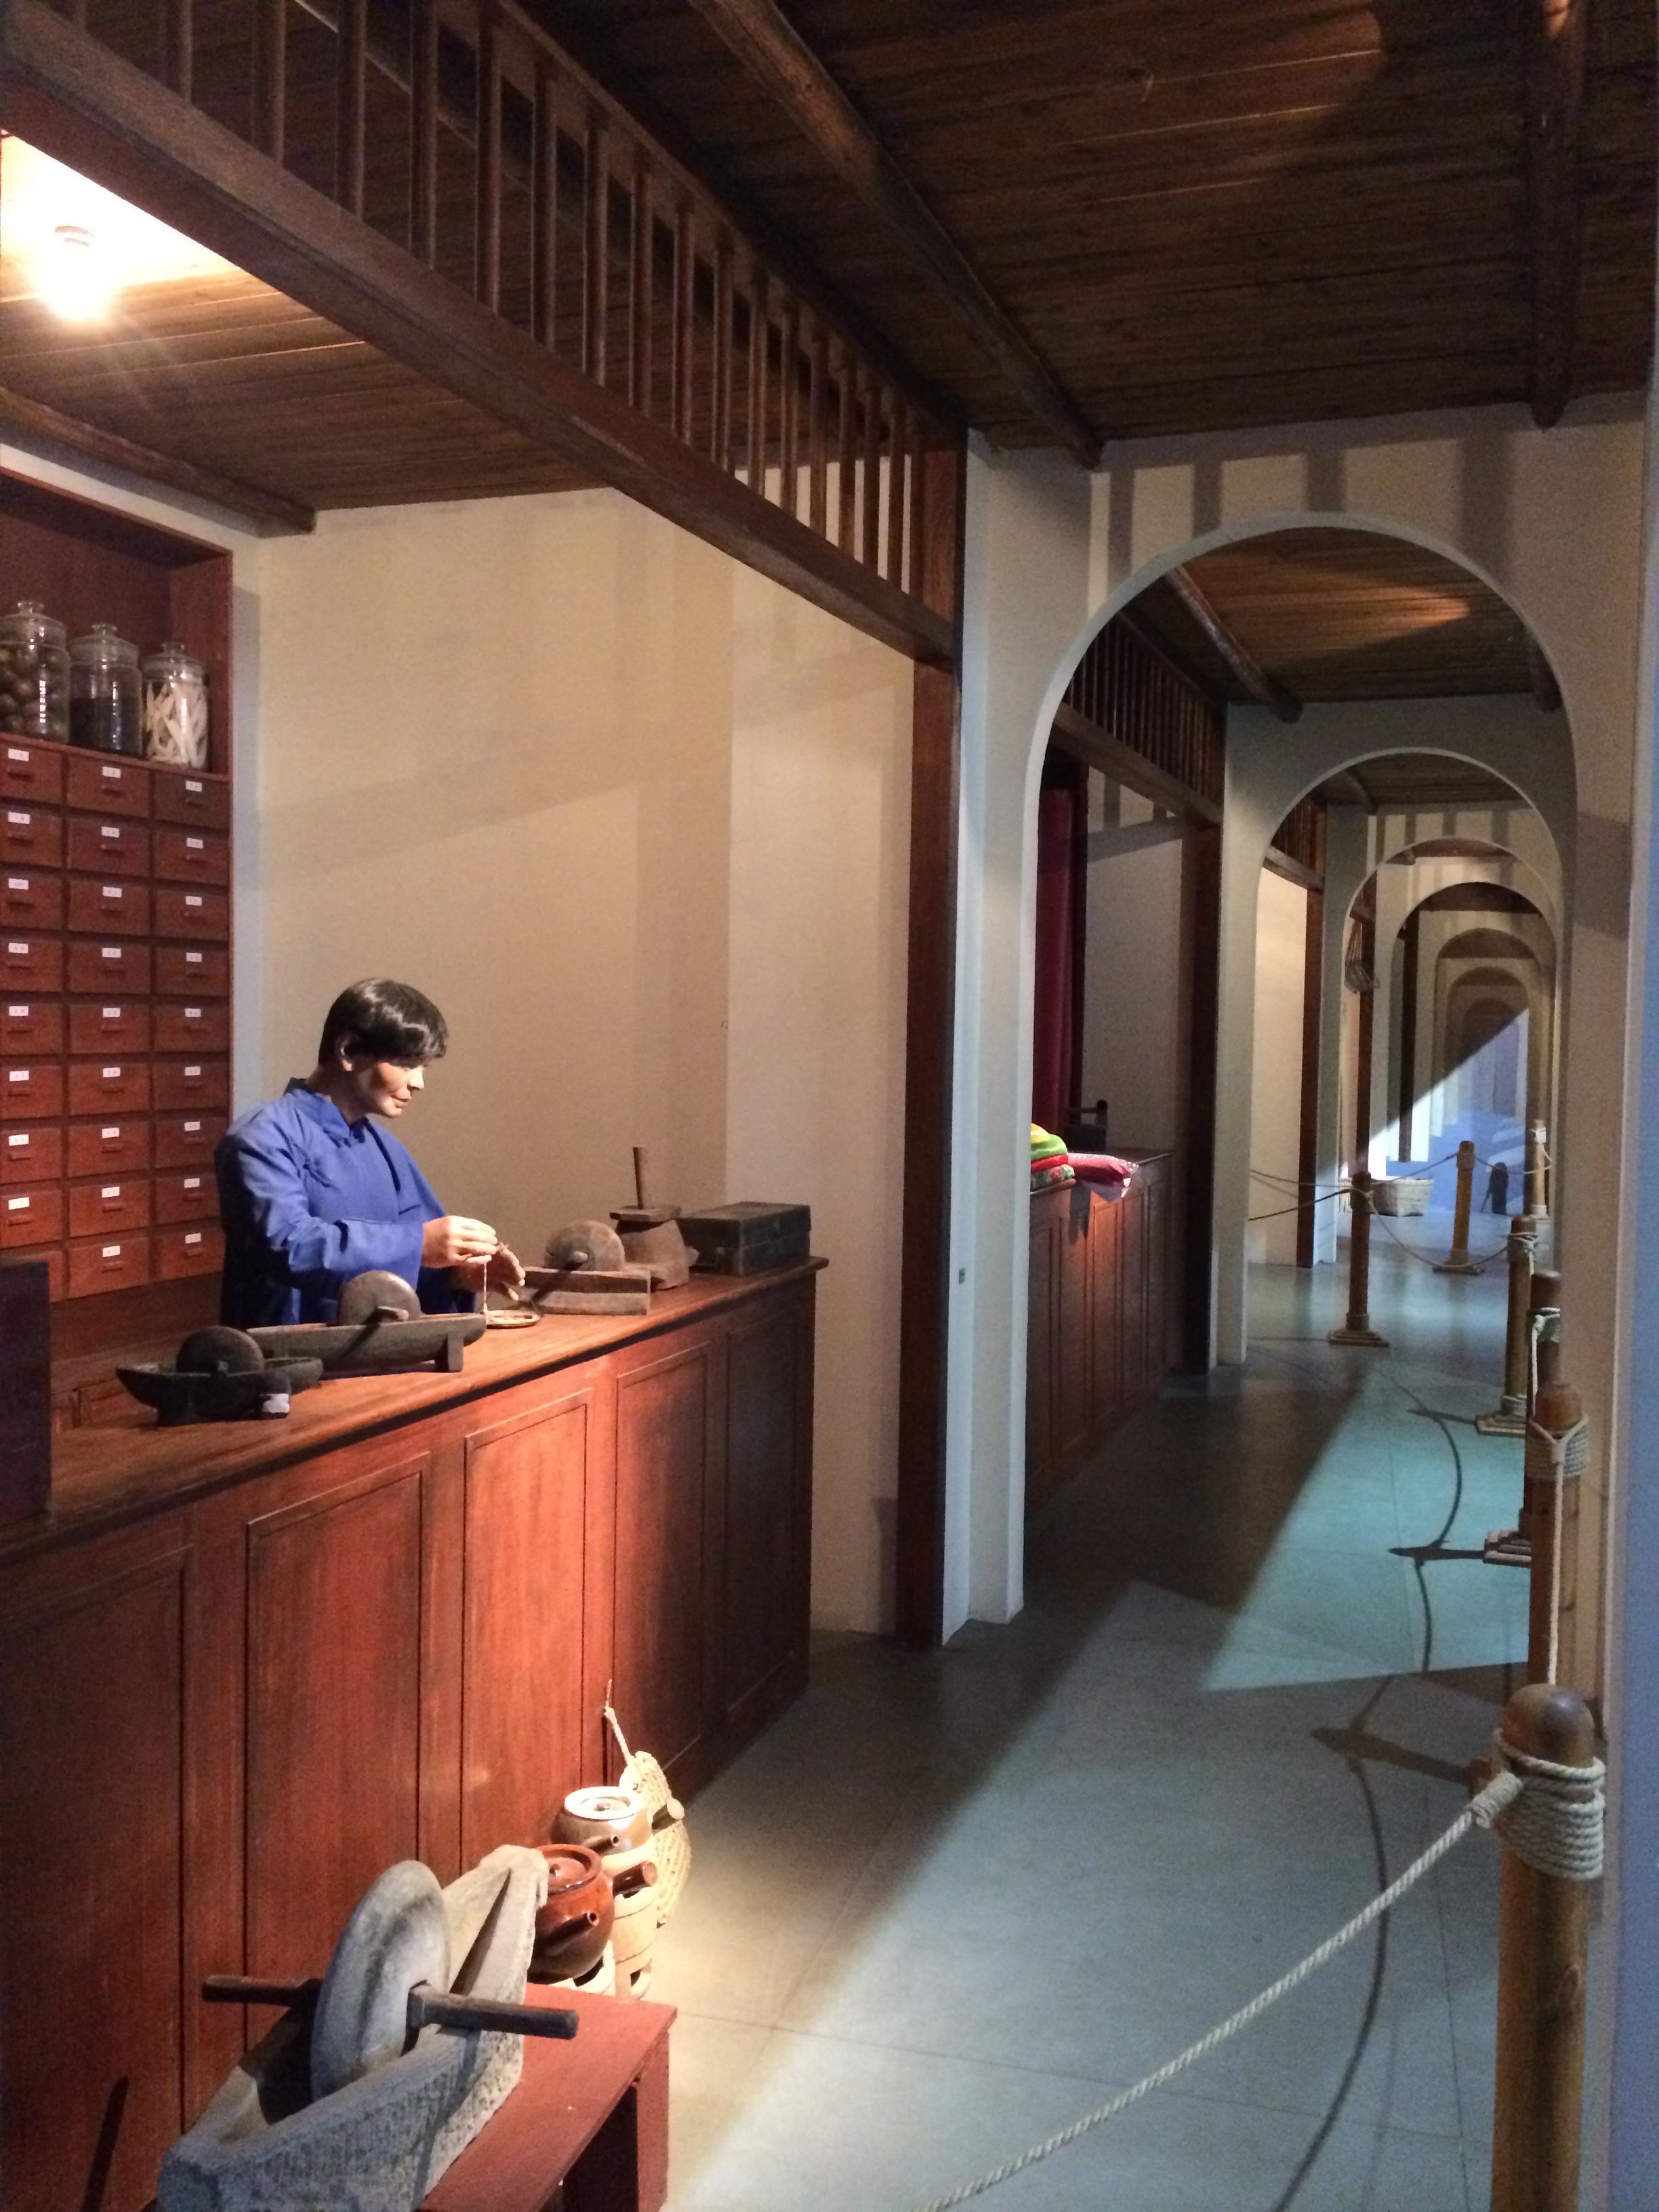 【携程攻略】广西南宁广西民族博物馆好玩吗,广西广西